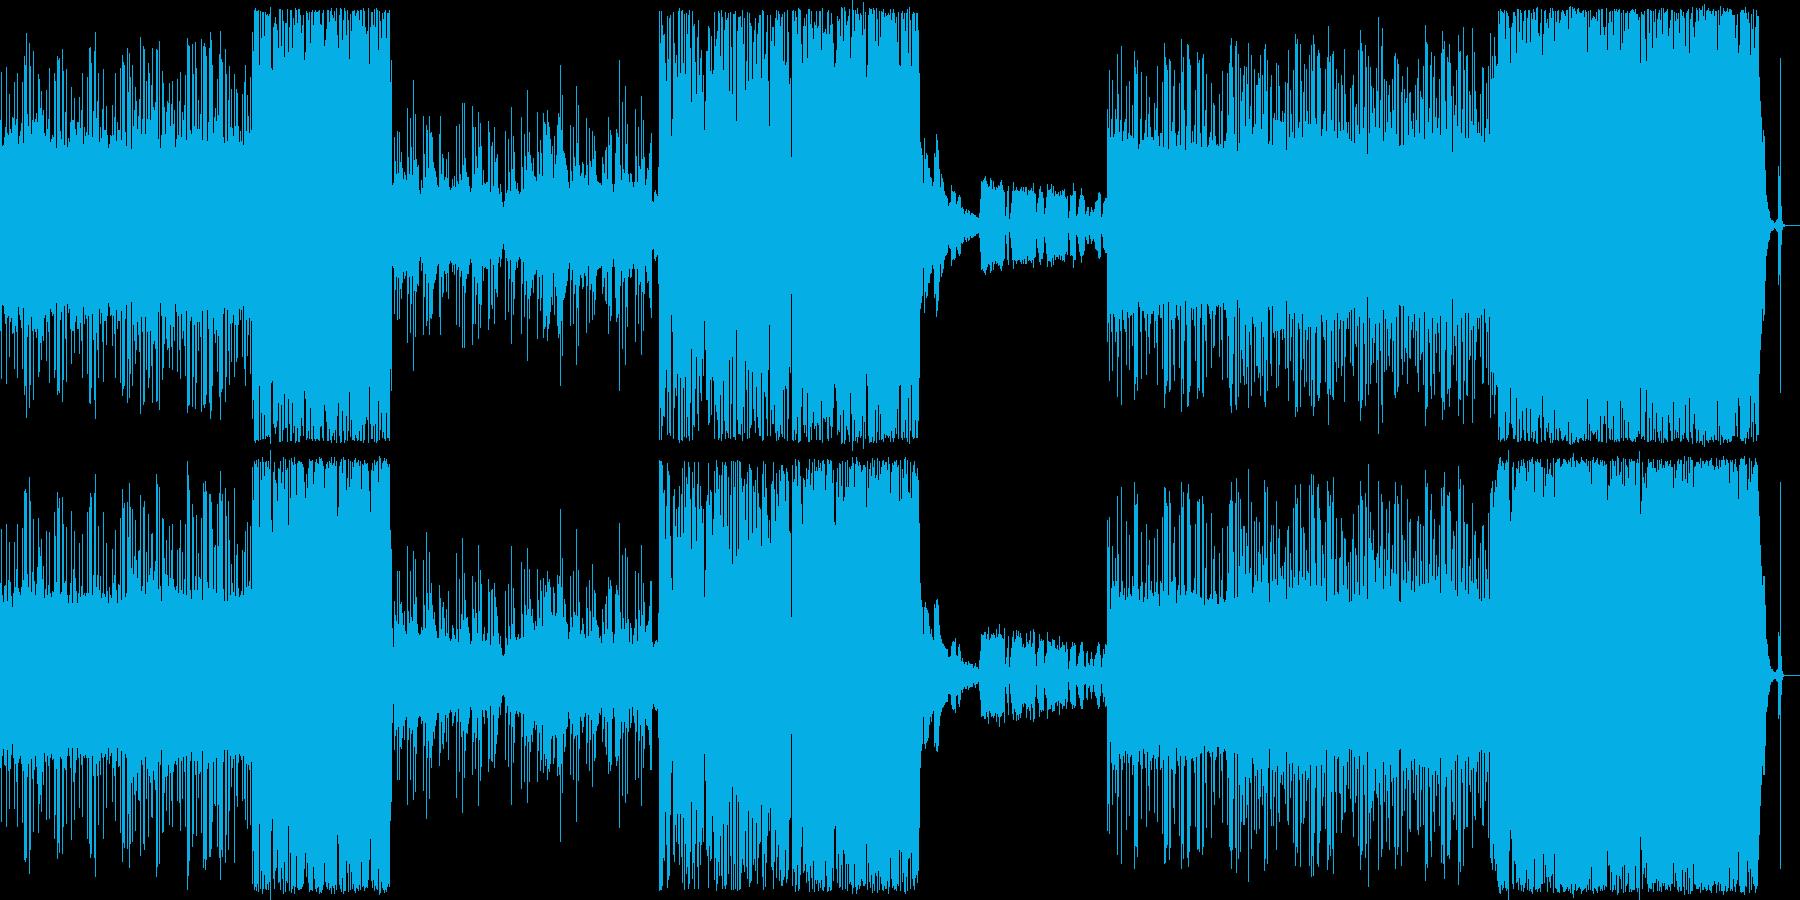 アナログな雰囲気のtrap BGMの再生済みの波形